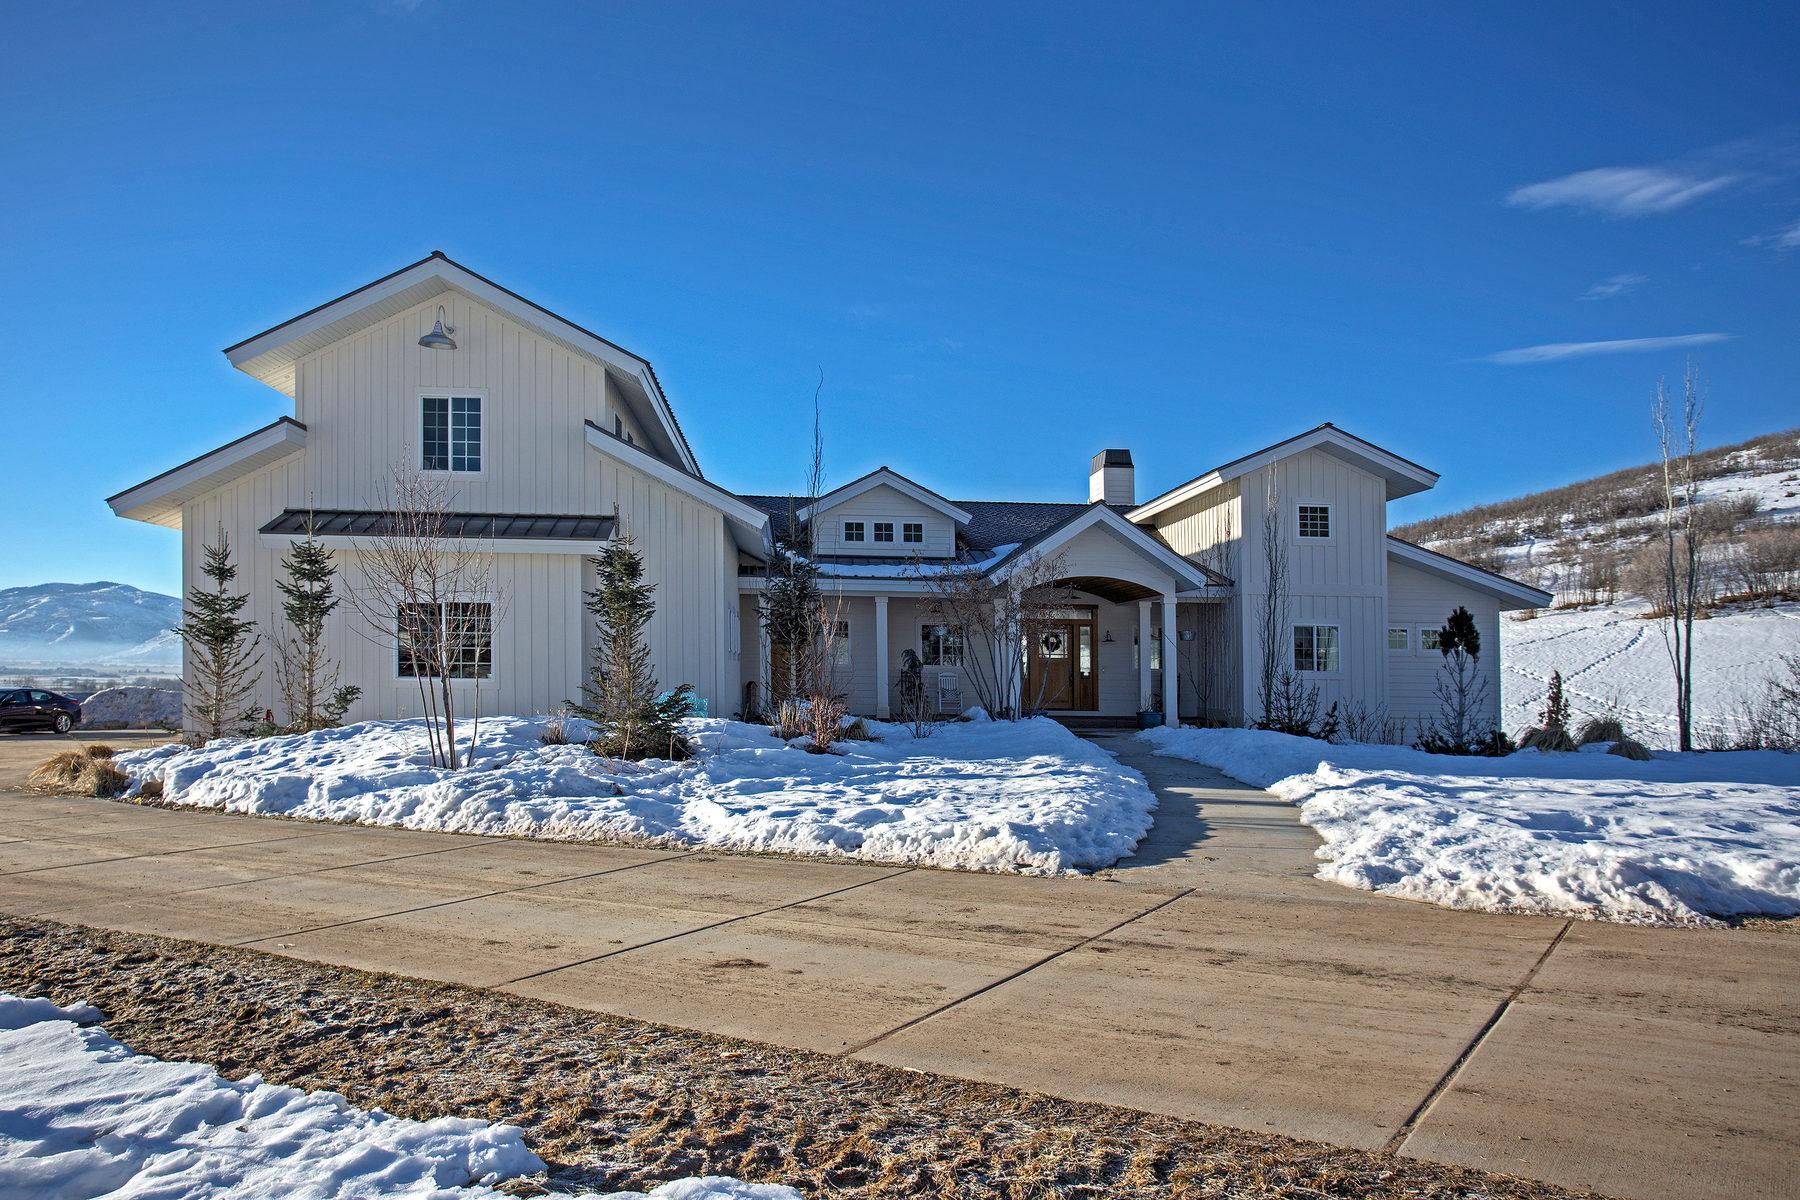 独户住宅 为 销售 在 Custom home on 15 acre ranch in Midway 566 E Saddle Dr 米德韦, 犹他州 84049 美国